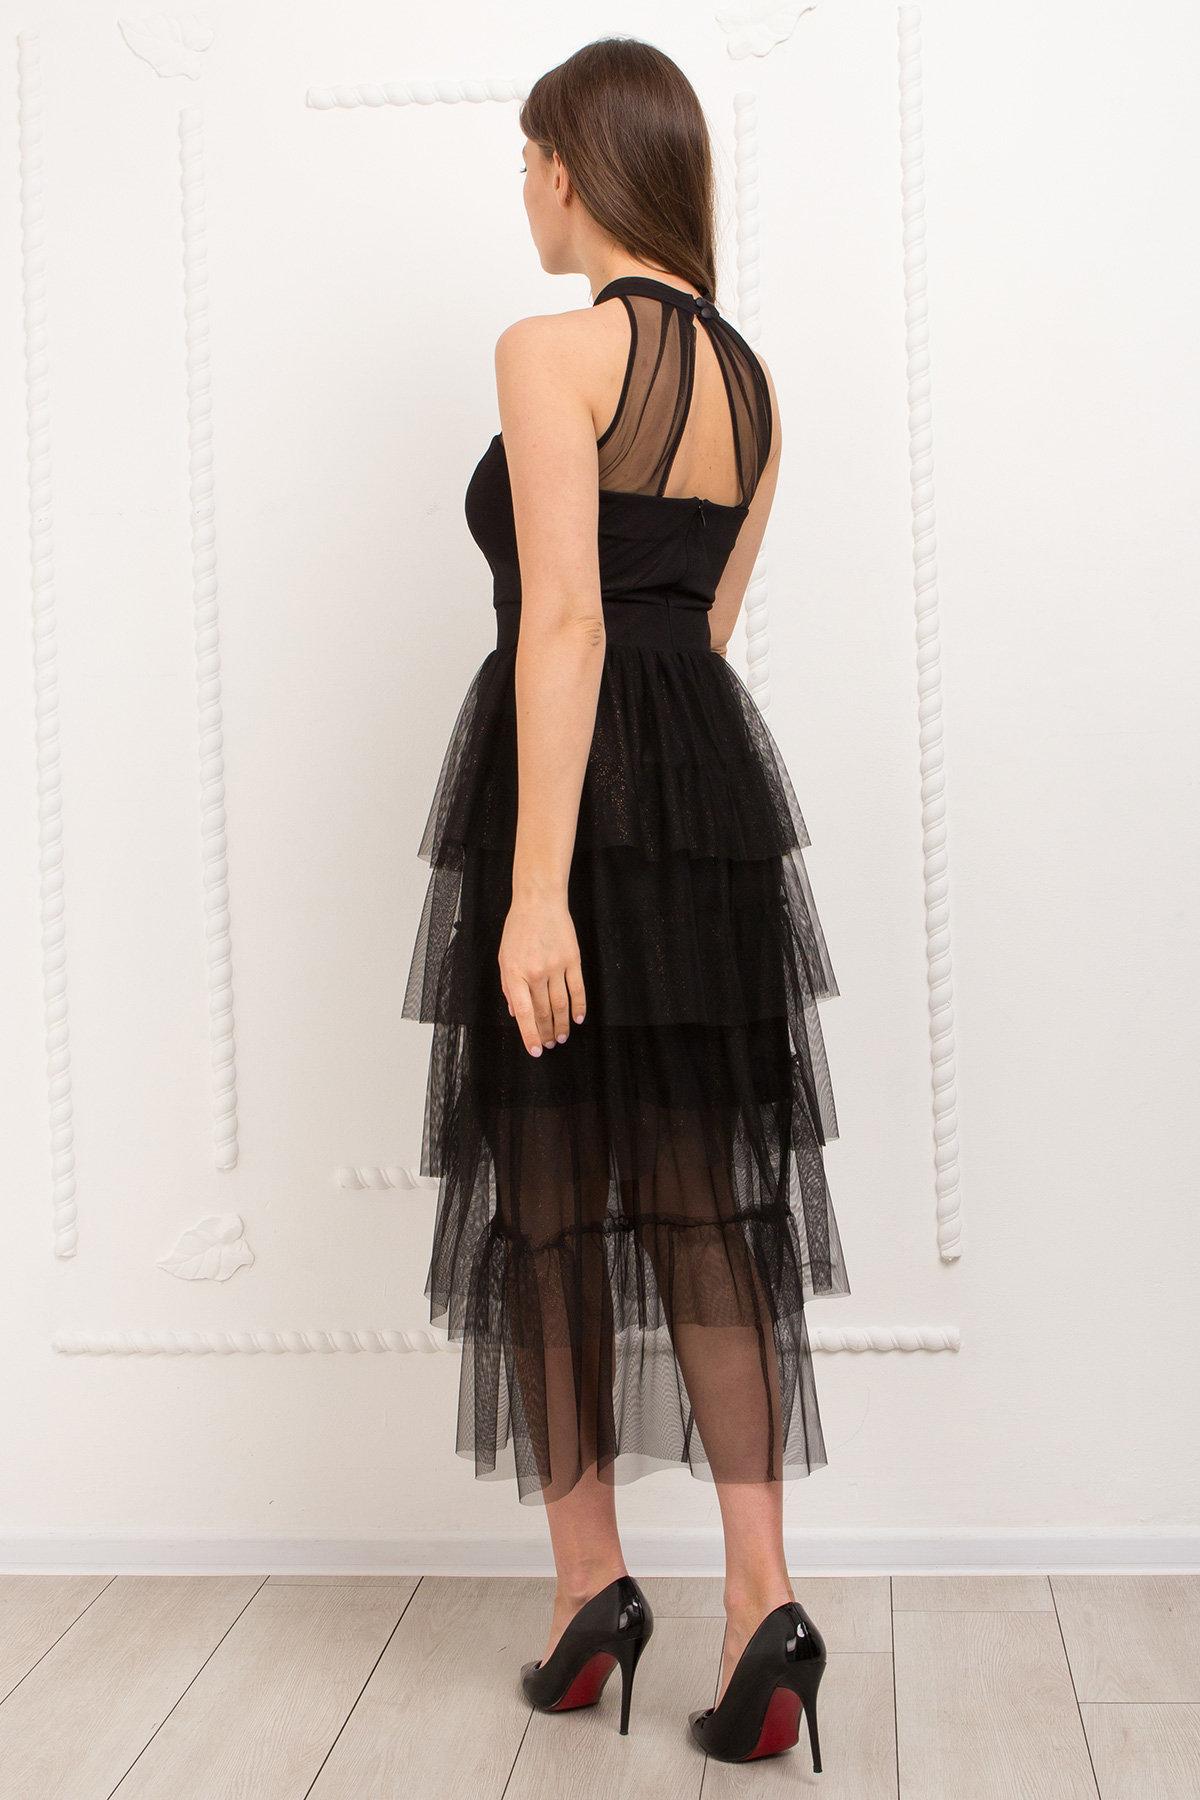 Платье Романа 9016 АРТ. 45344 Цвет: Черный/золото - фото 5, интернет магазин tm-modus.ru